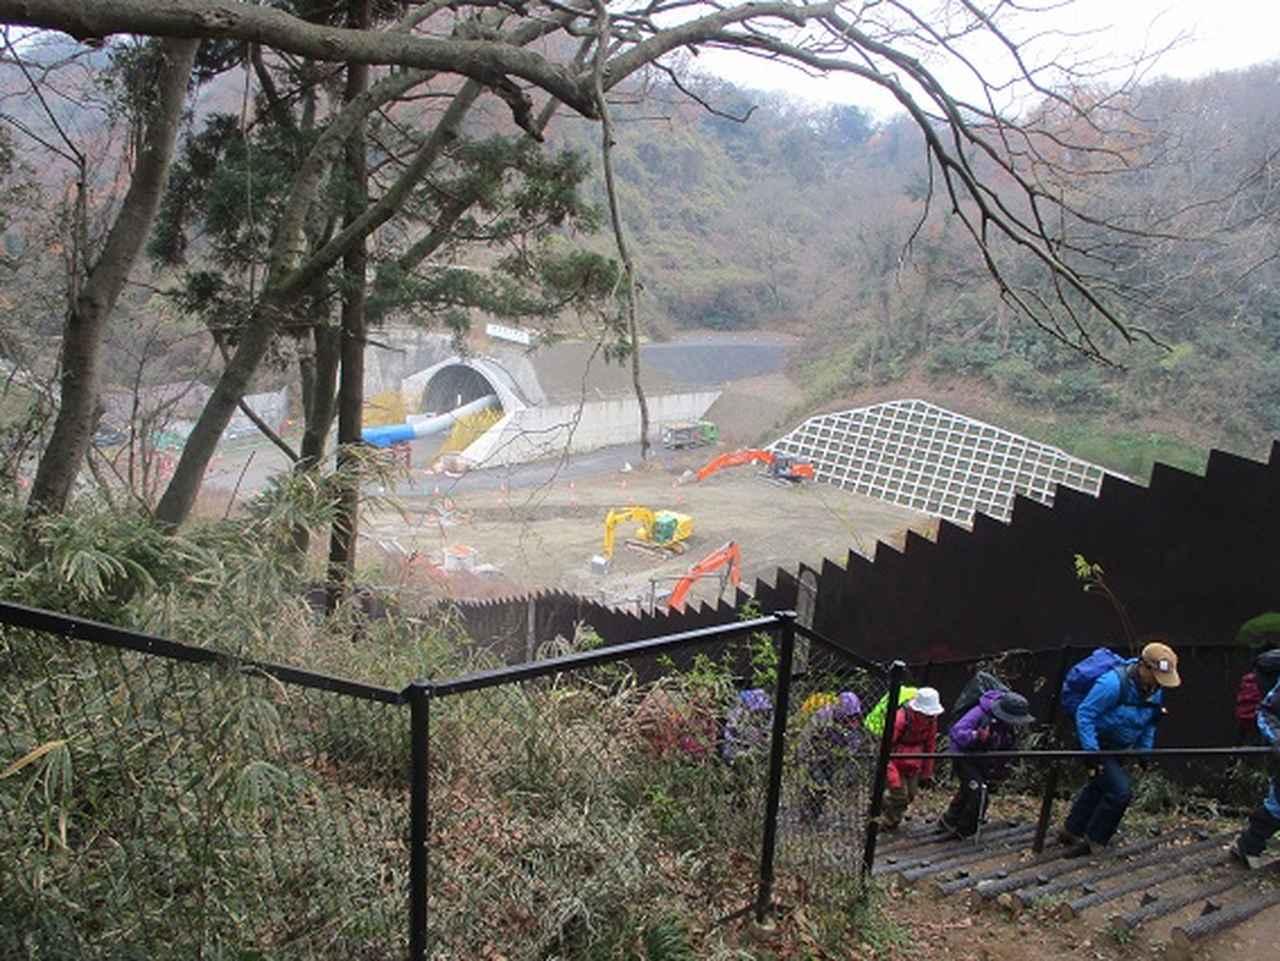 画像4: 先日12月22日に山旅会現地集合 「能見堂緑地から天園」 ツアーにいってまいりました!